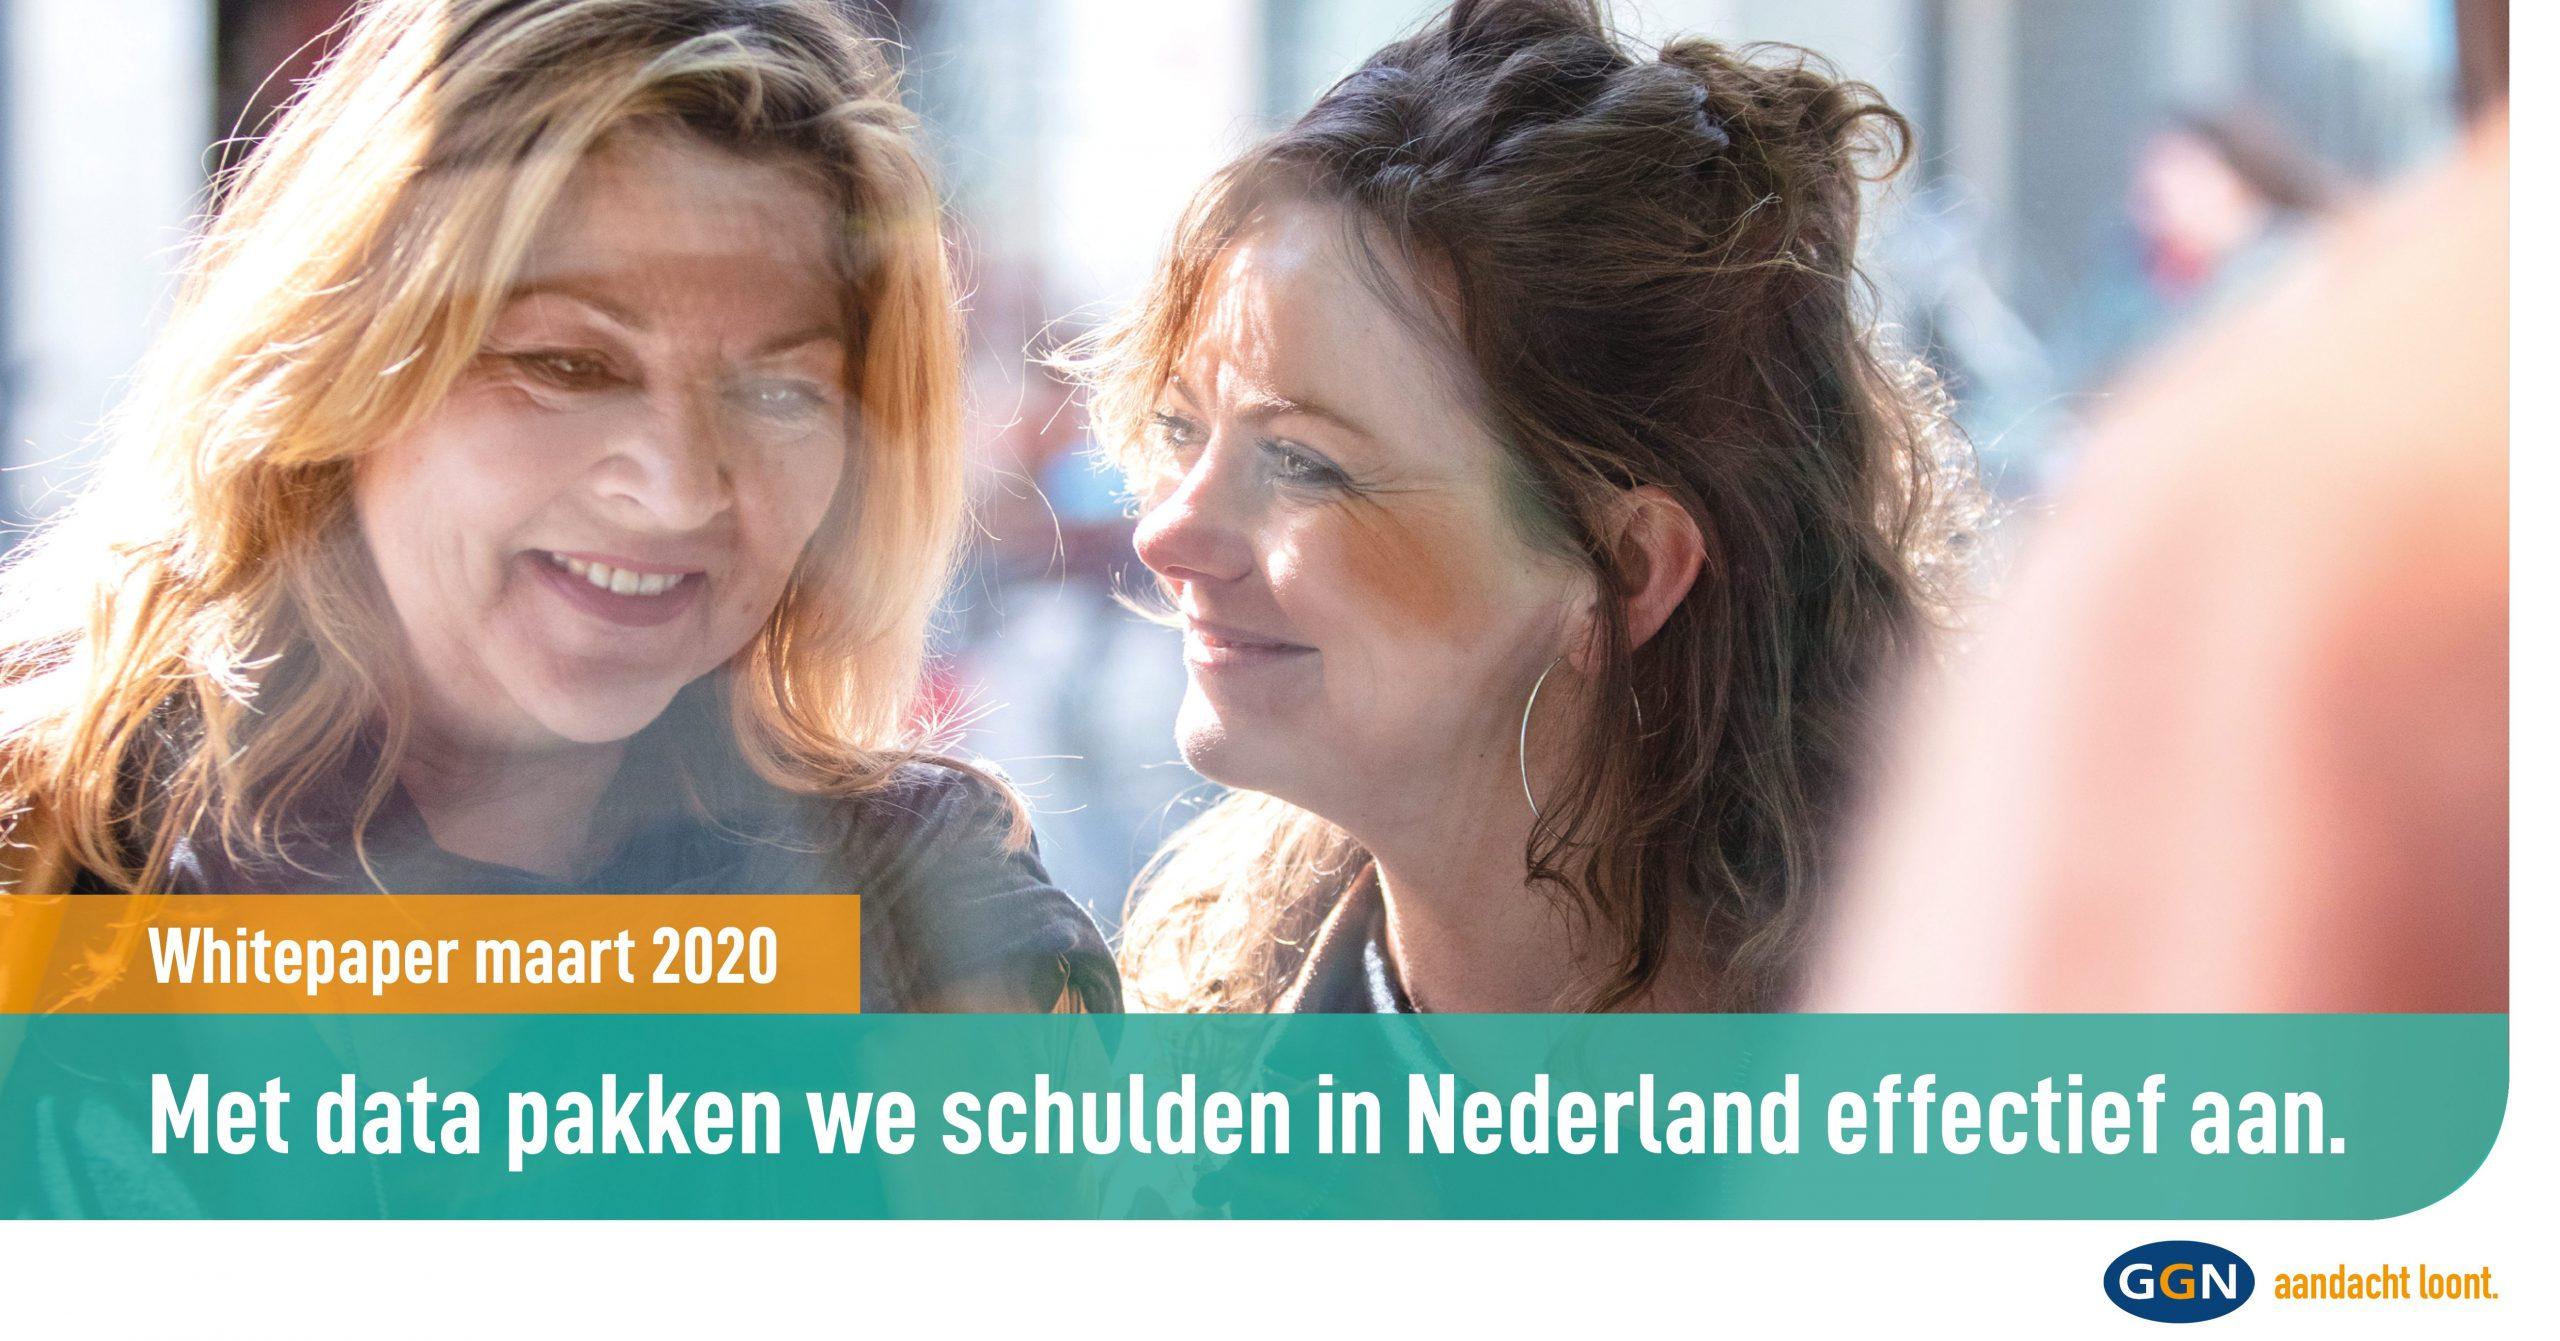 Met data pakken we schulden in Nederland effectief aan